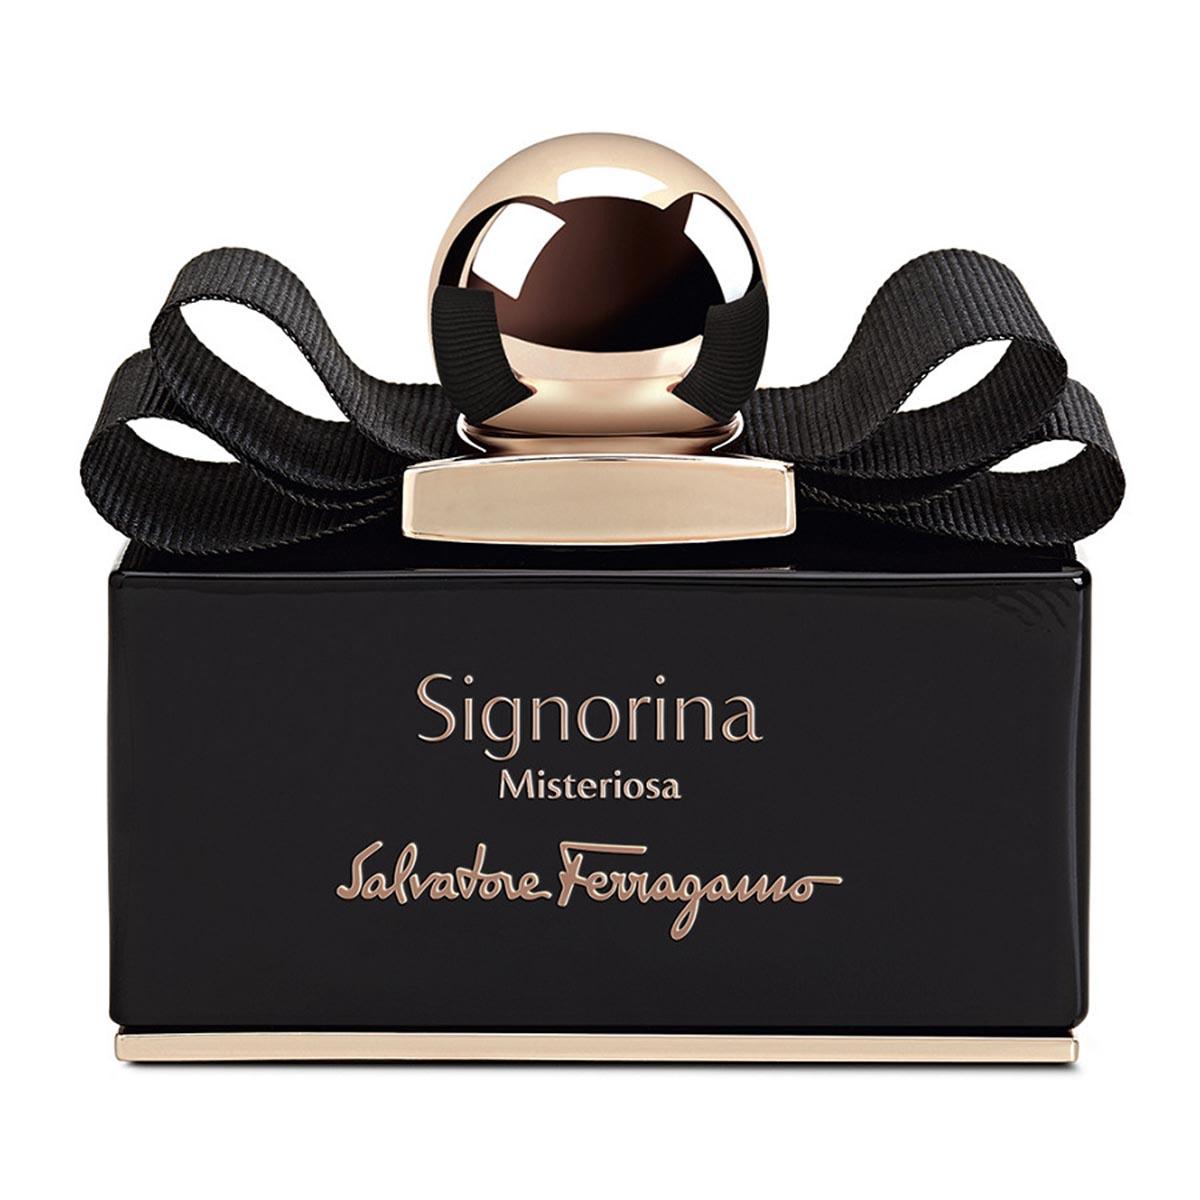 Salvatore ferragamo signorina misteriosa eau de parfum 30ml vaporizador